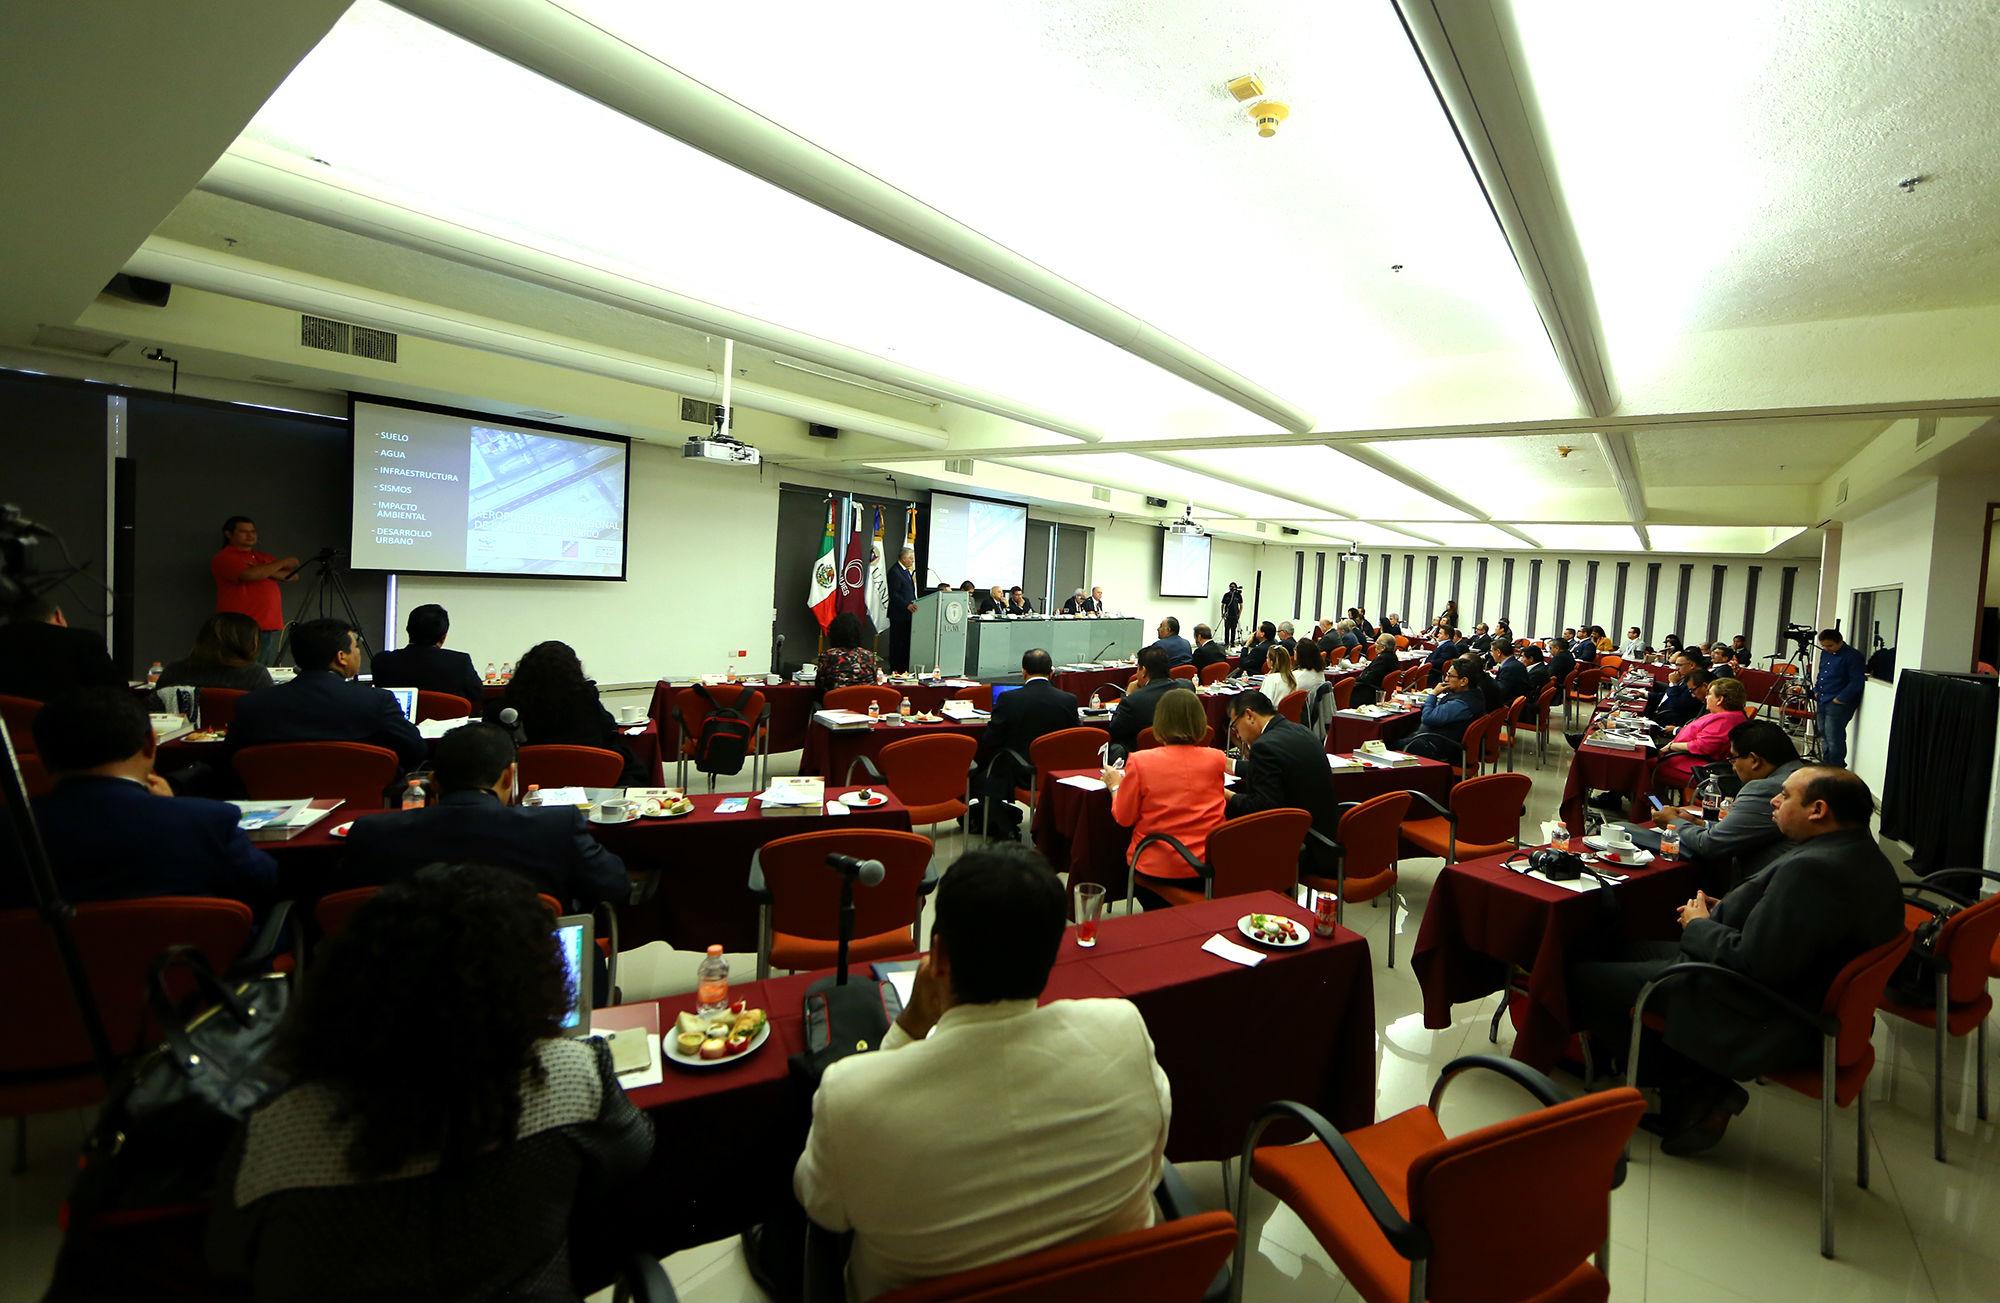 La reunión se llevó a cabo en la Biblioteca Universitaria Raúl Rangel Frías